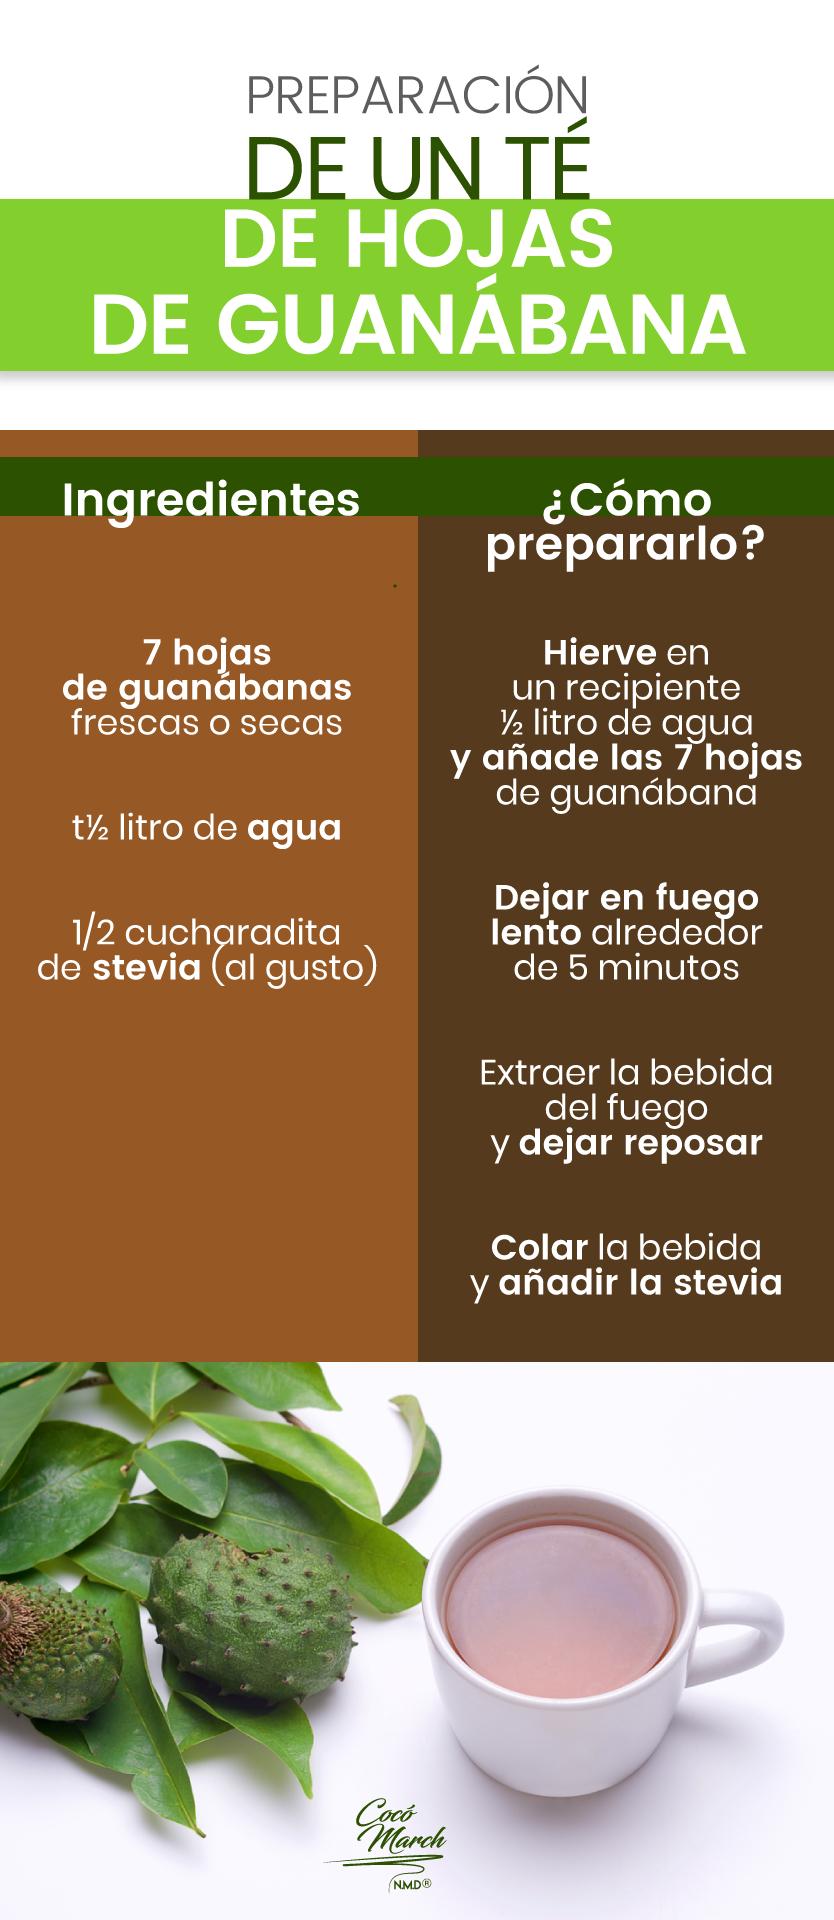 preparar-el-te-de-hojas-de-guanabana